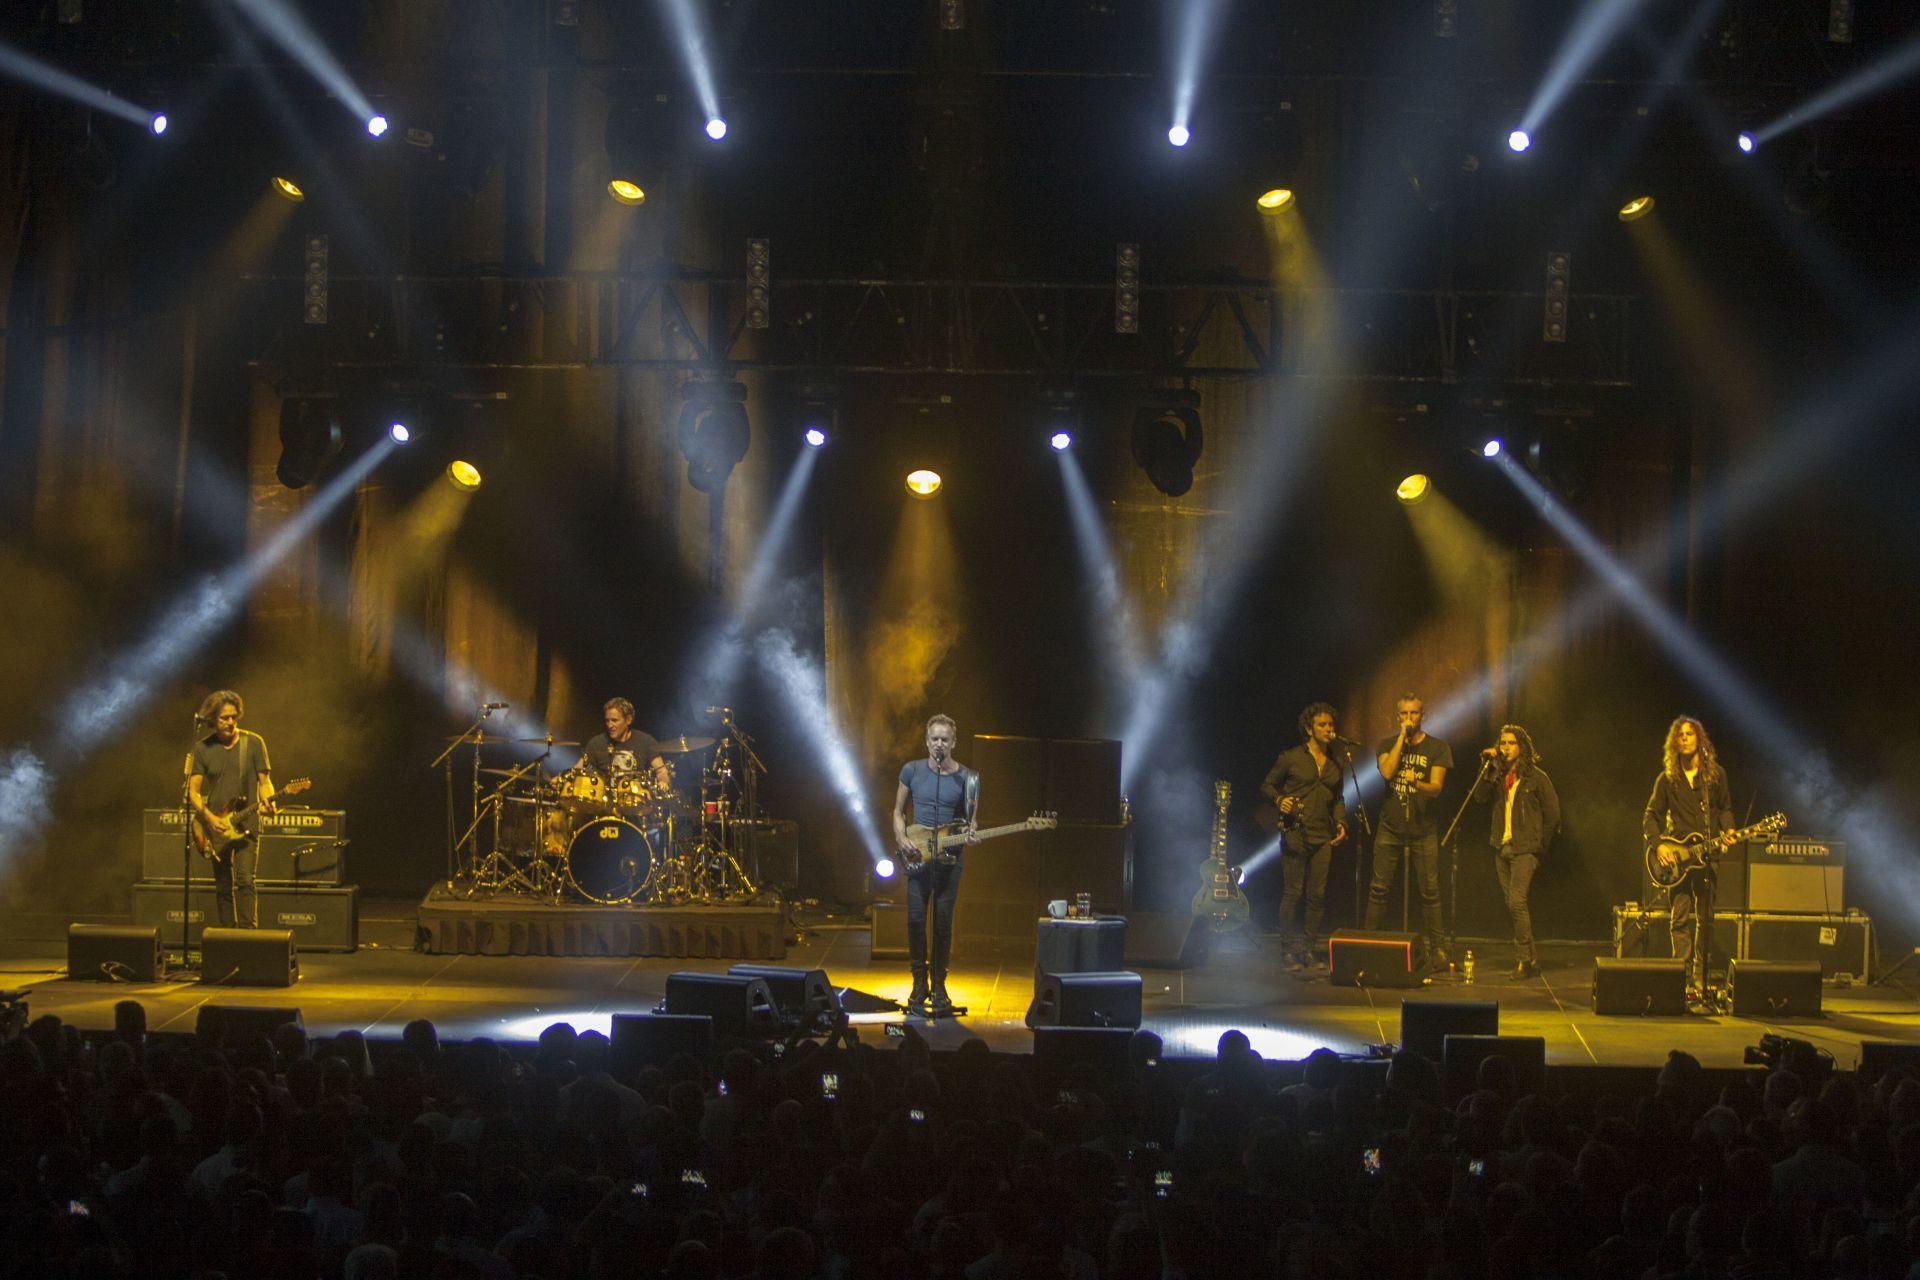 Con sana distancia y horarios: Los conciertos ya podrán realizarse en Nuevo León